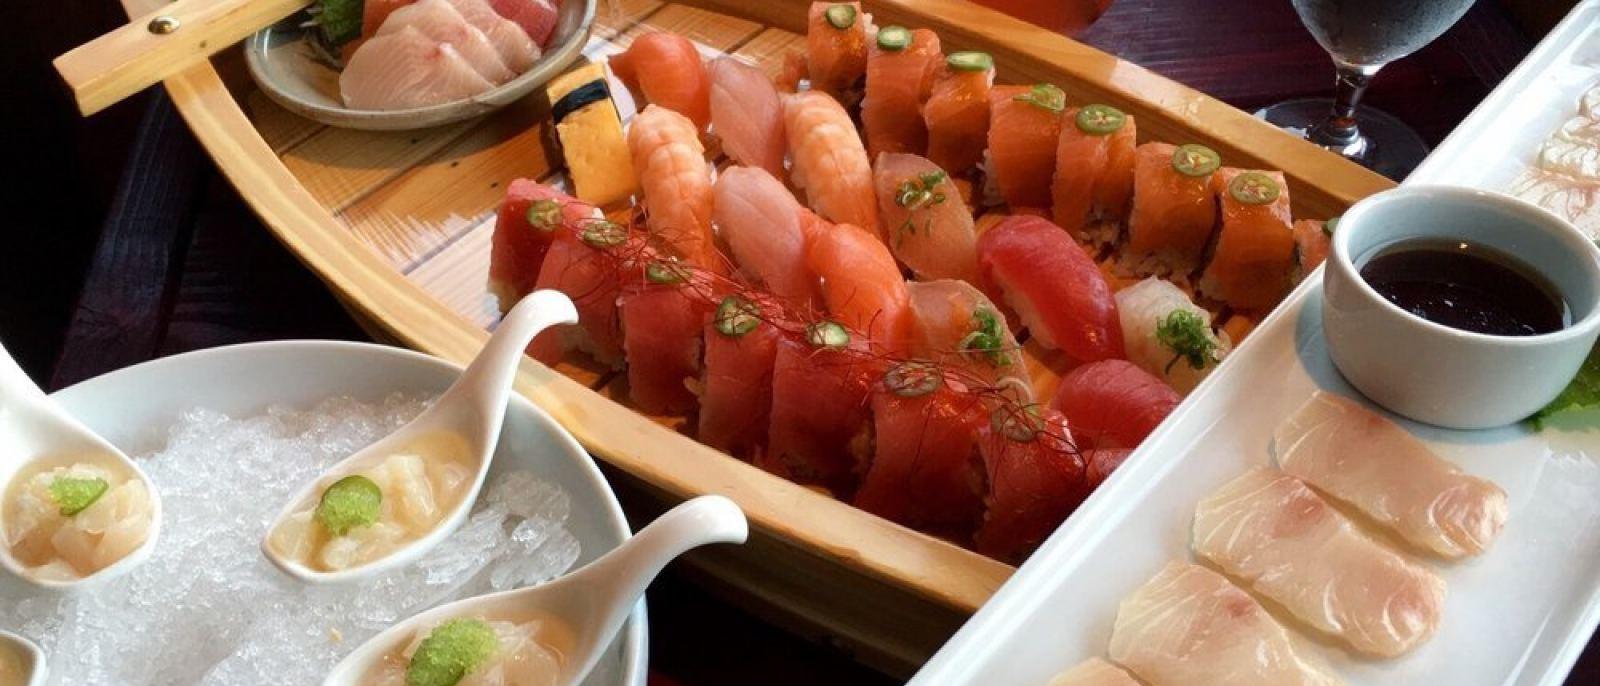 yamashiro_36_piece_sushi_boat